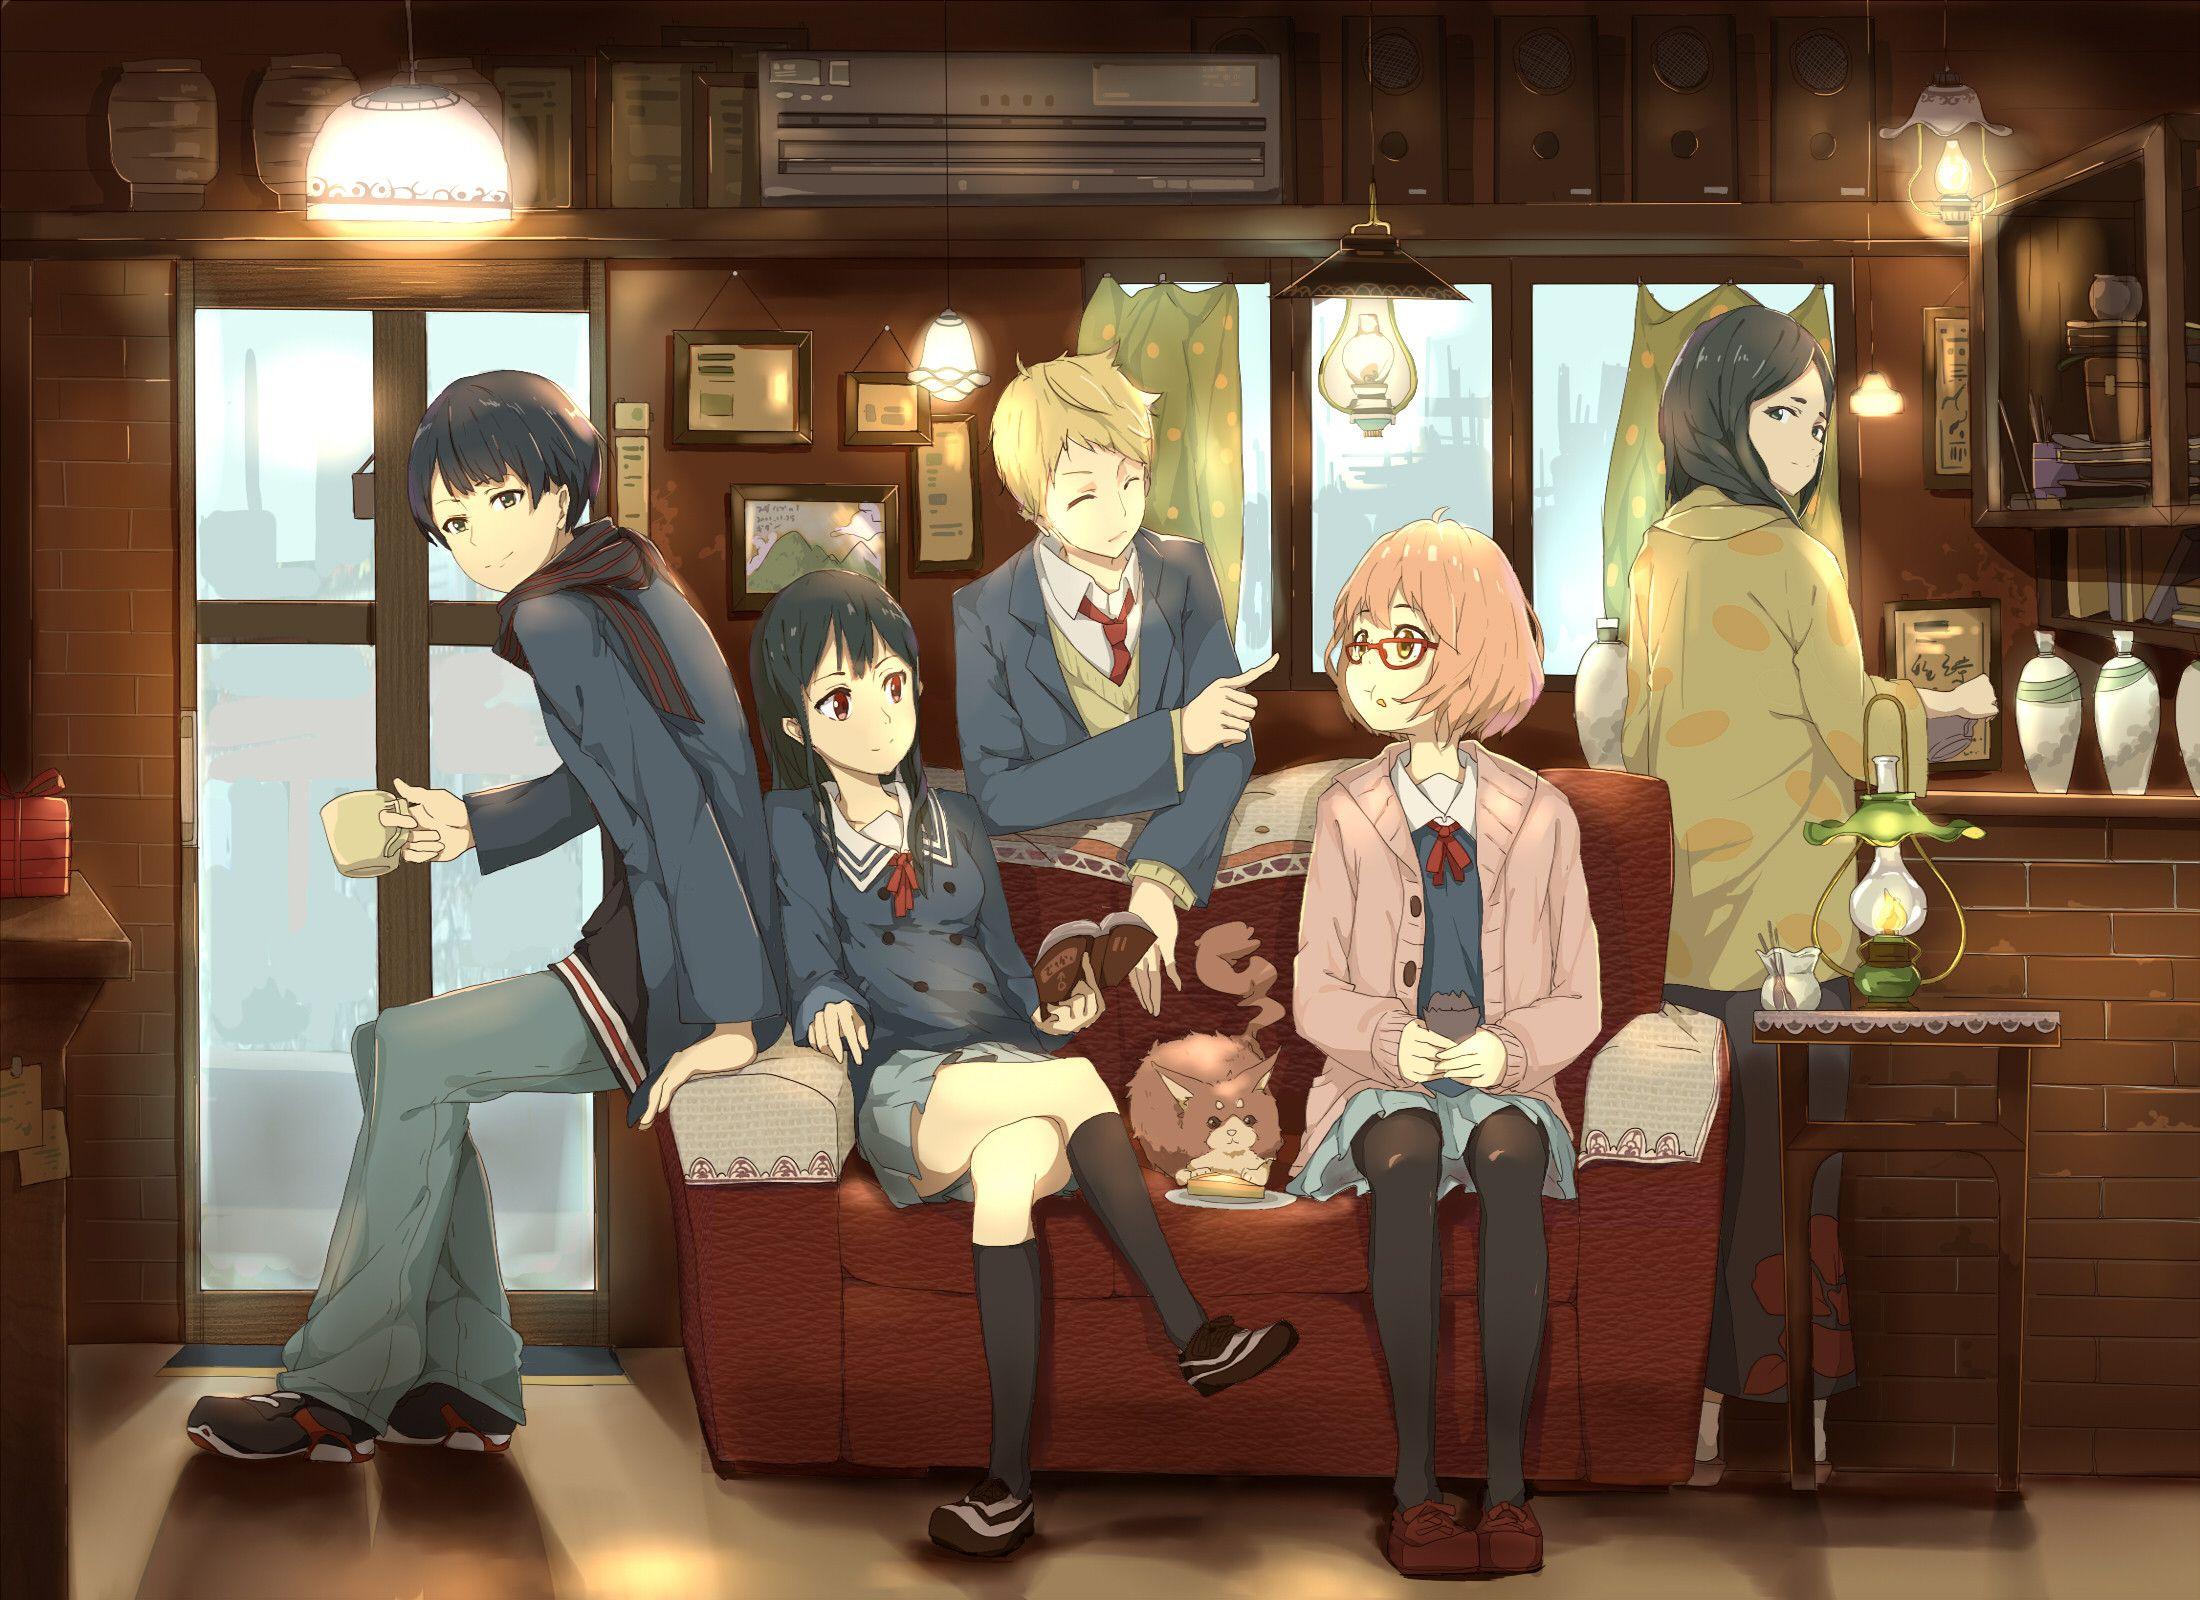 Love Anime? FOLLOW anime.goodys on IG!⠀⠀⠀⠀HEY